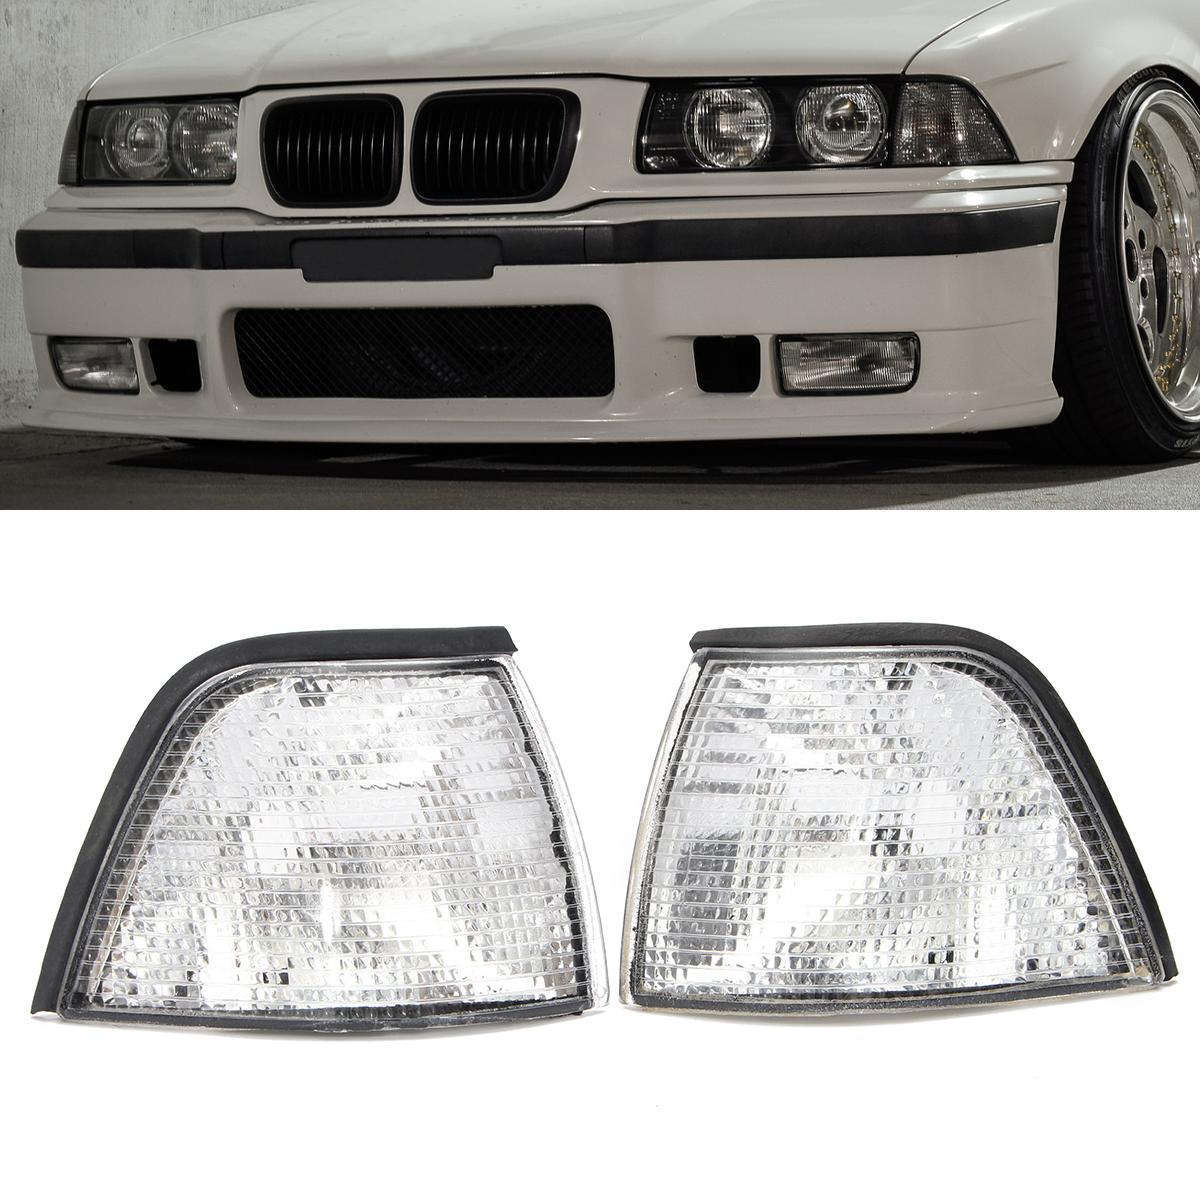 Bmw E36 Inspection Light